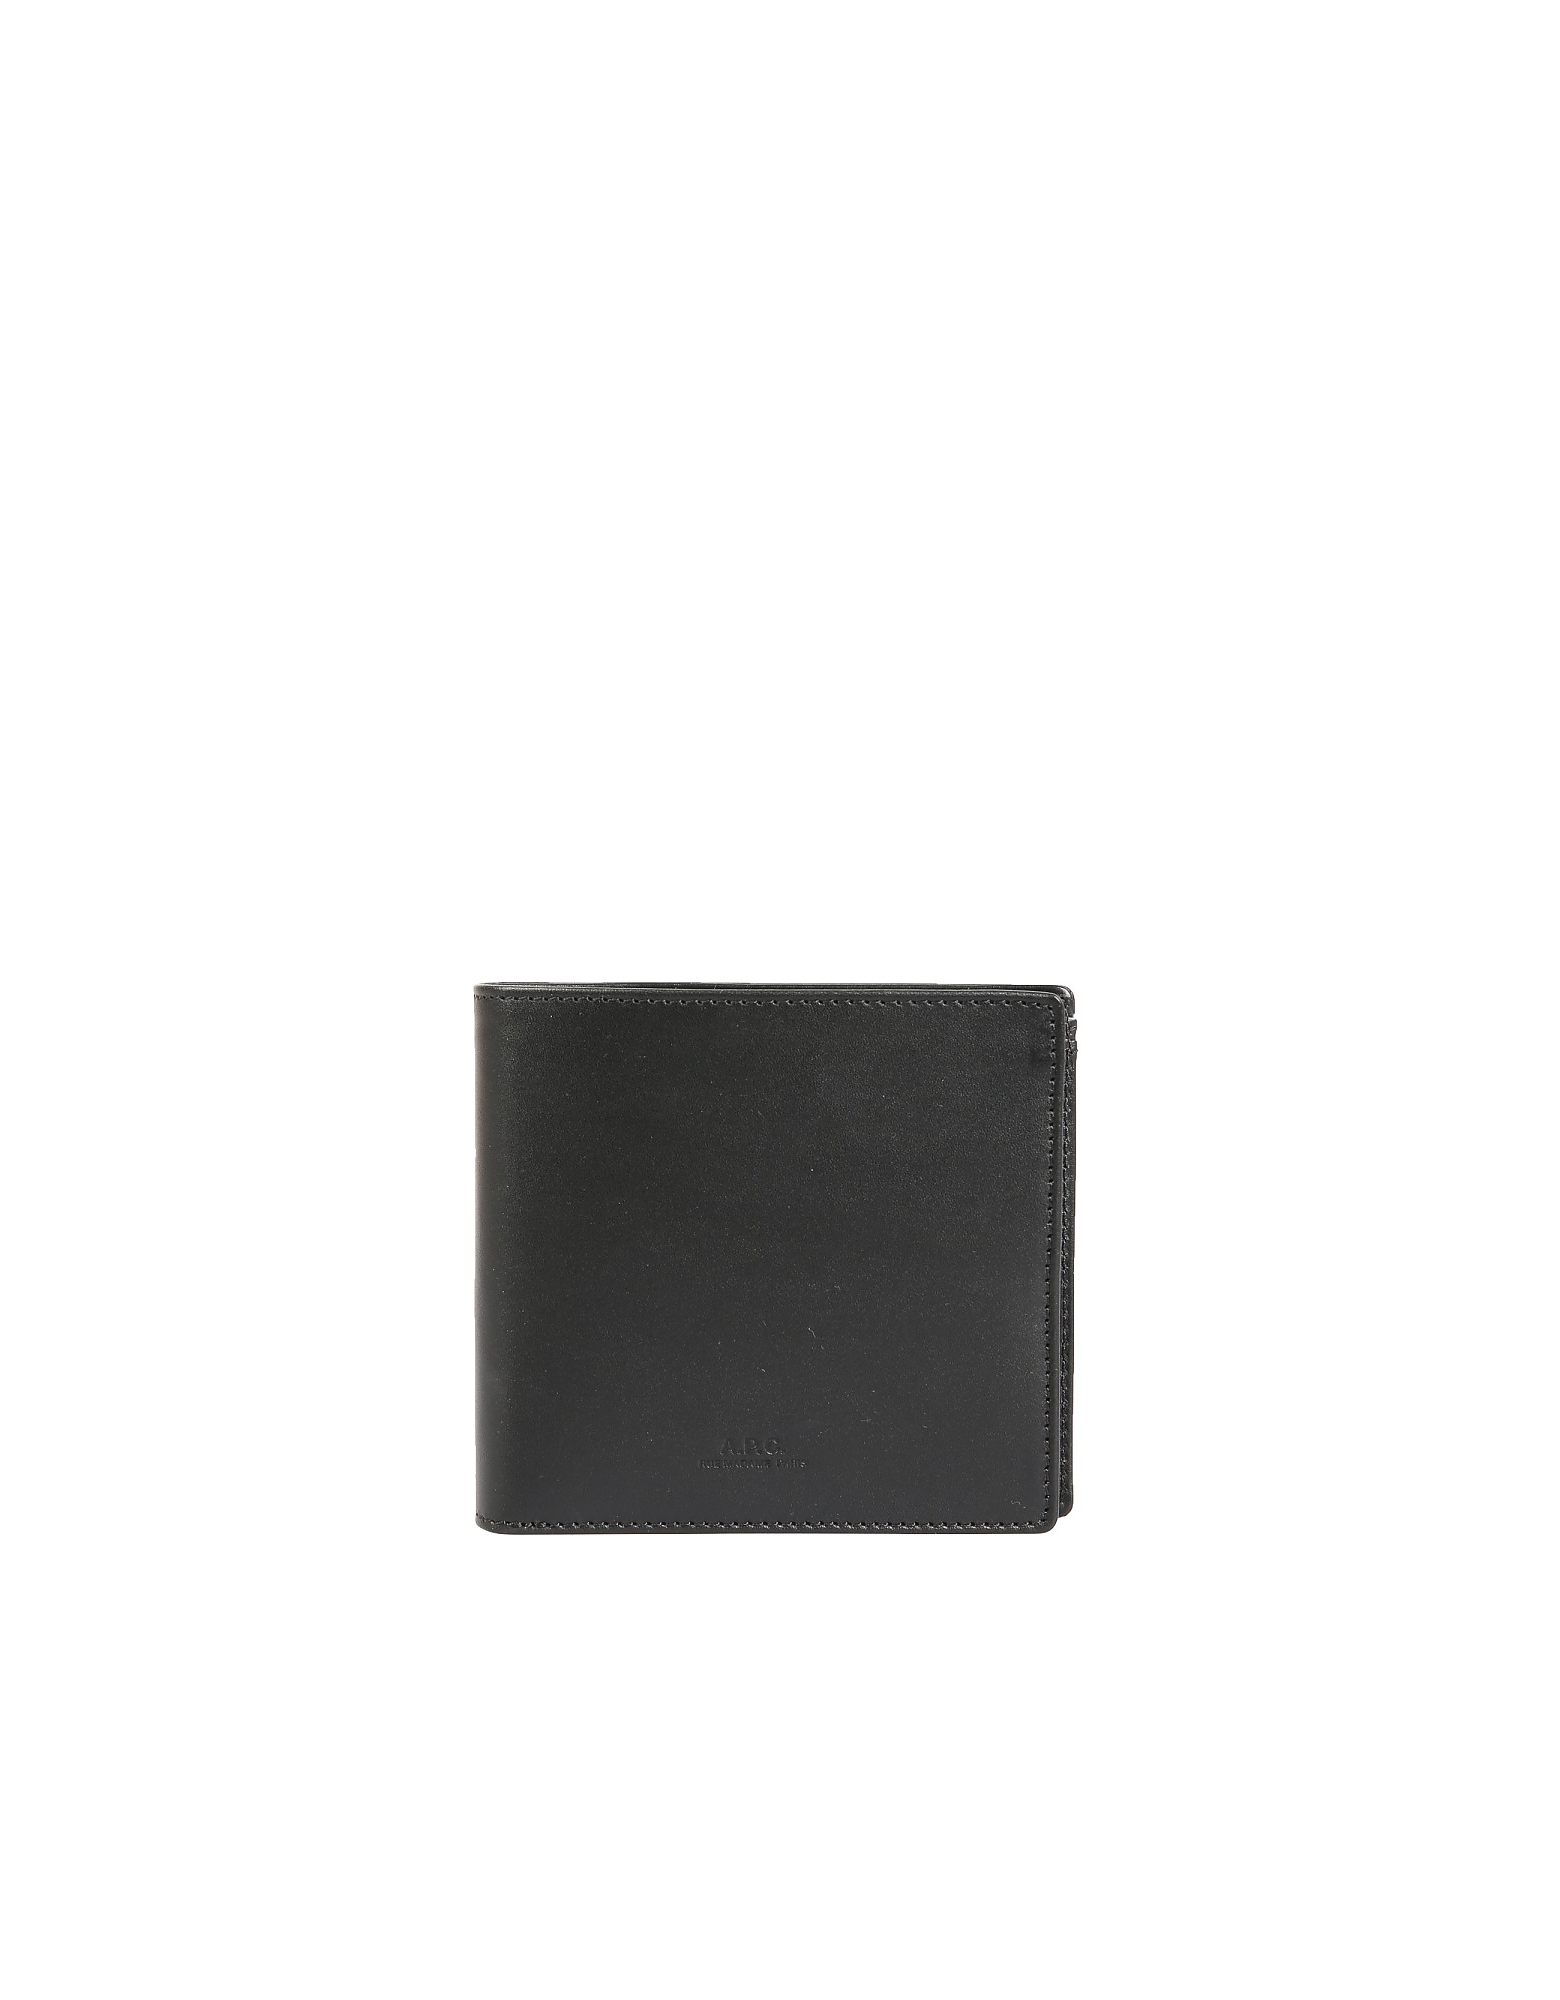 A.P.C. Designer Men's Bags, New London Wallet